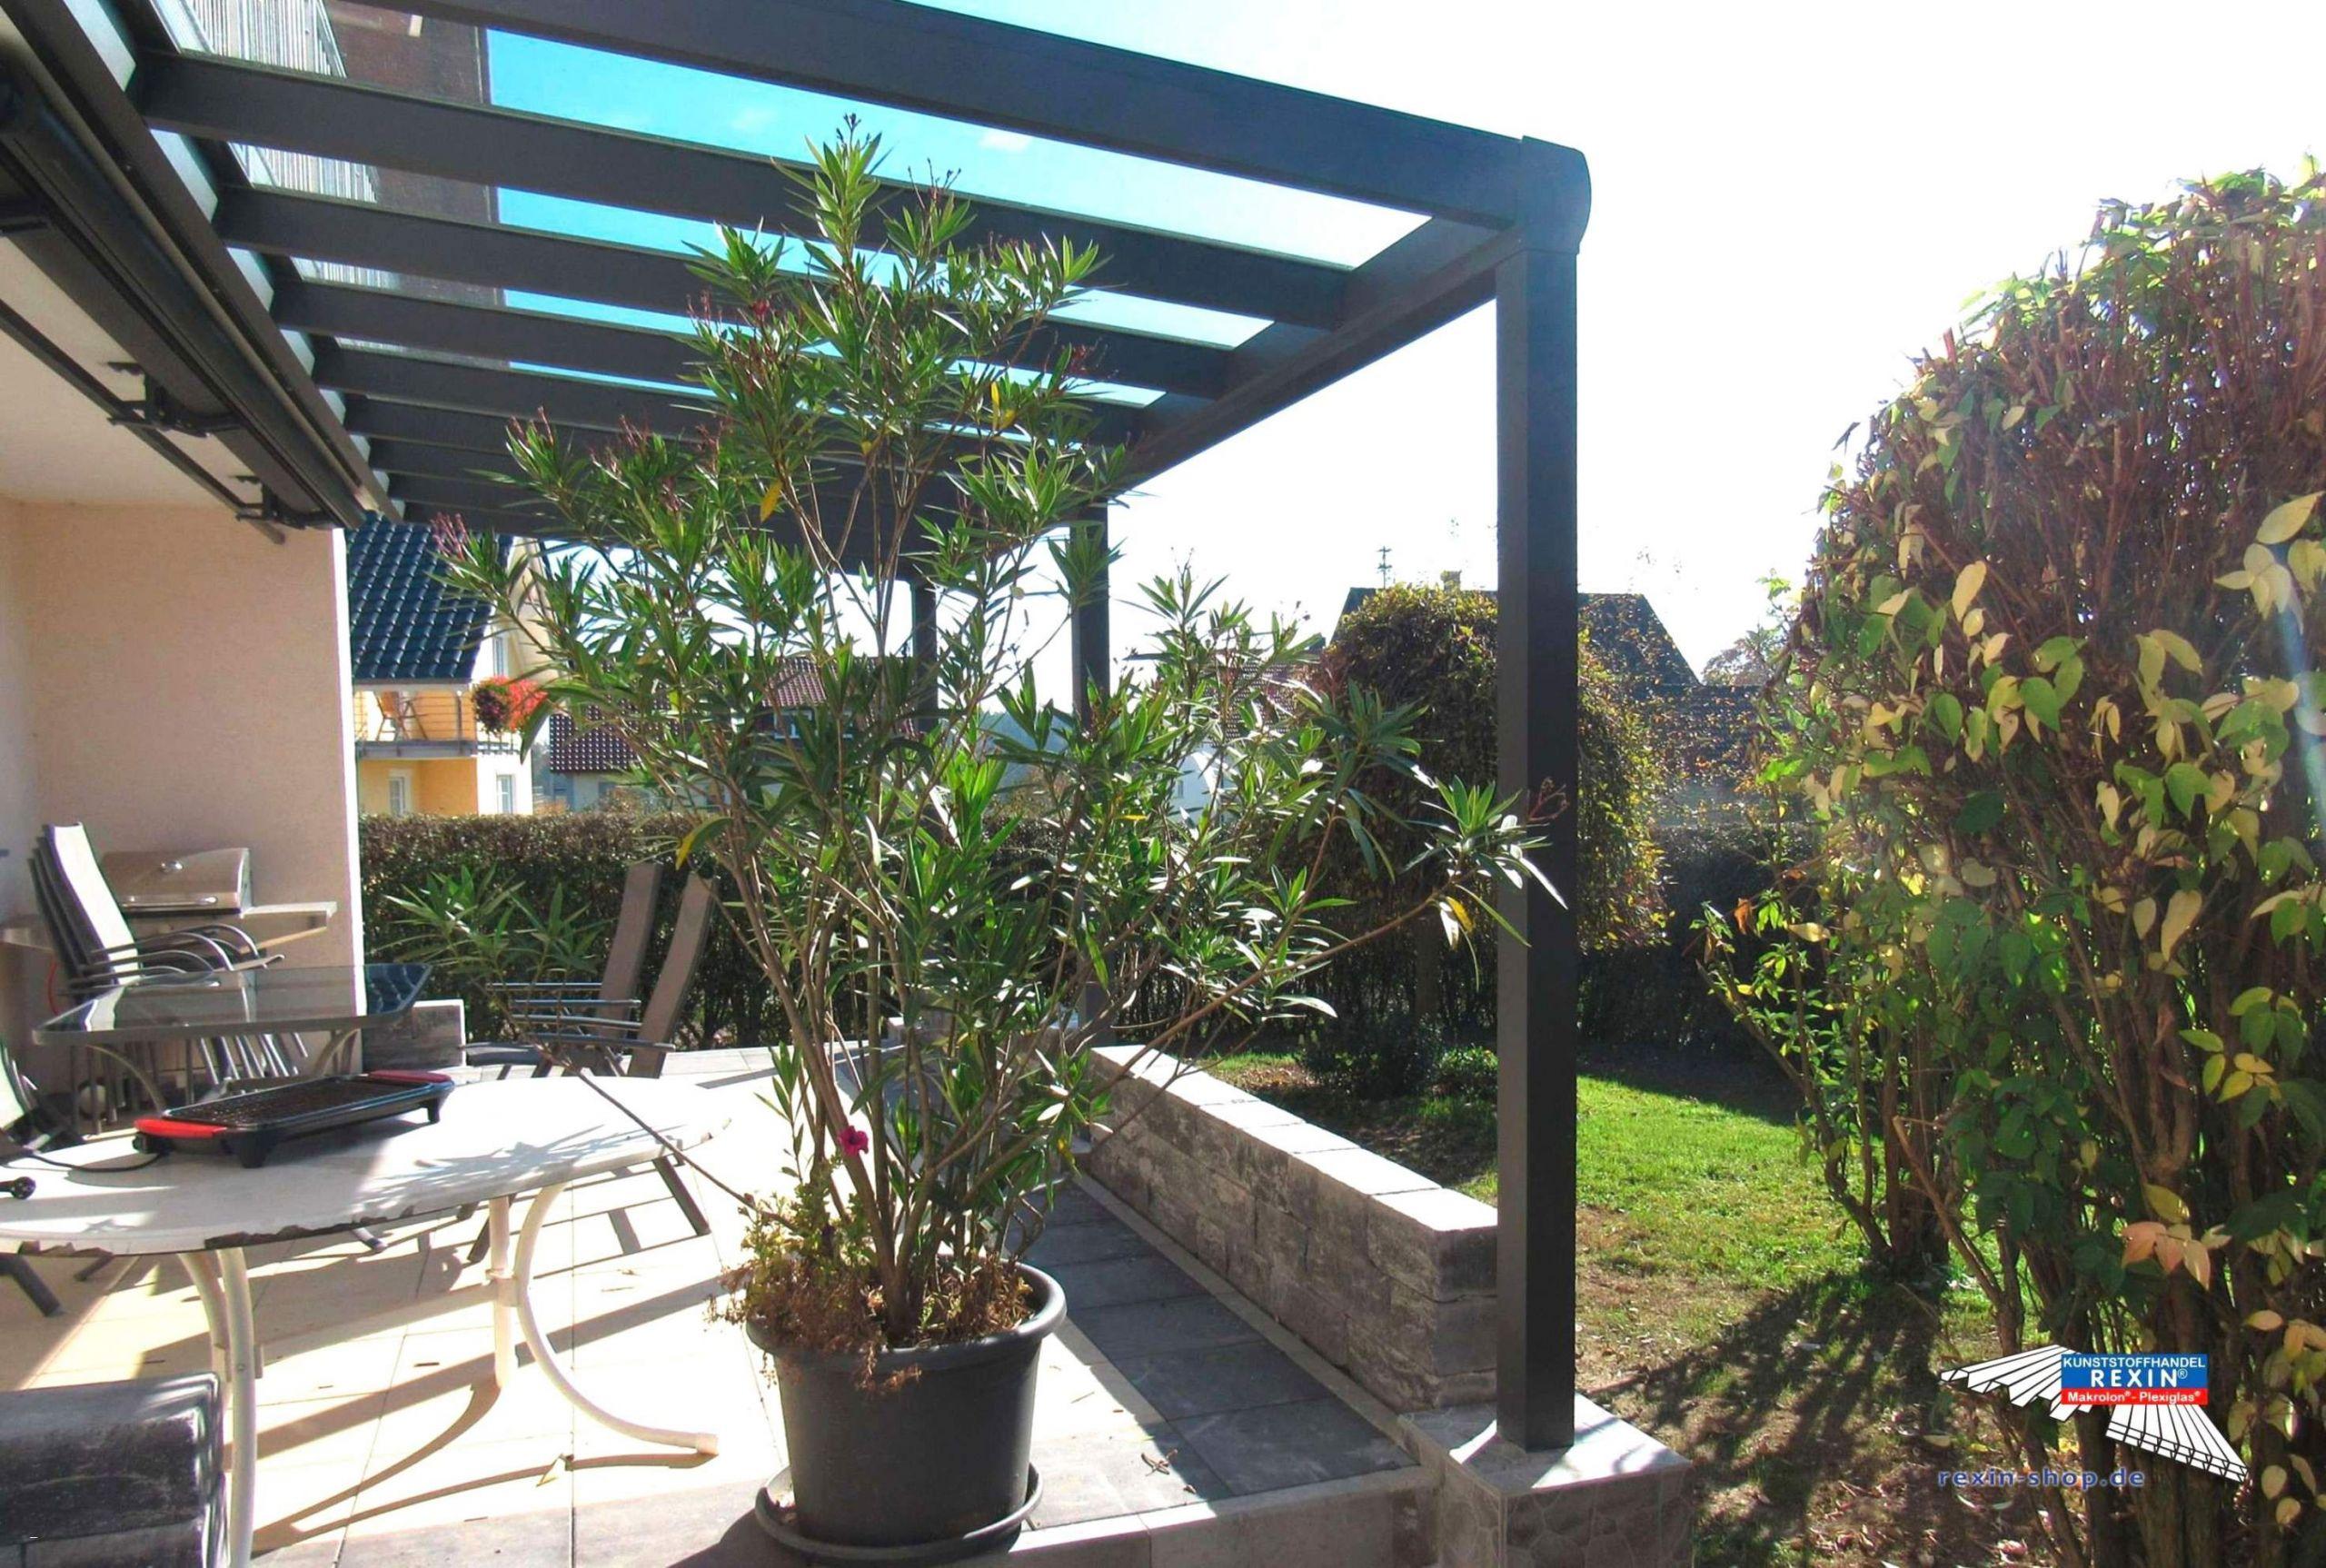 wintergarten auf balkon 40 inspiration wintergarten aus holland wintergarten aus holland